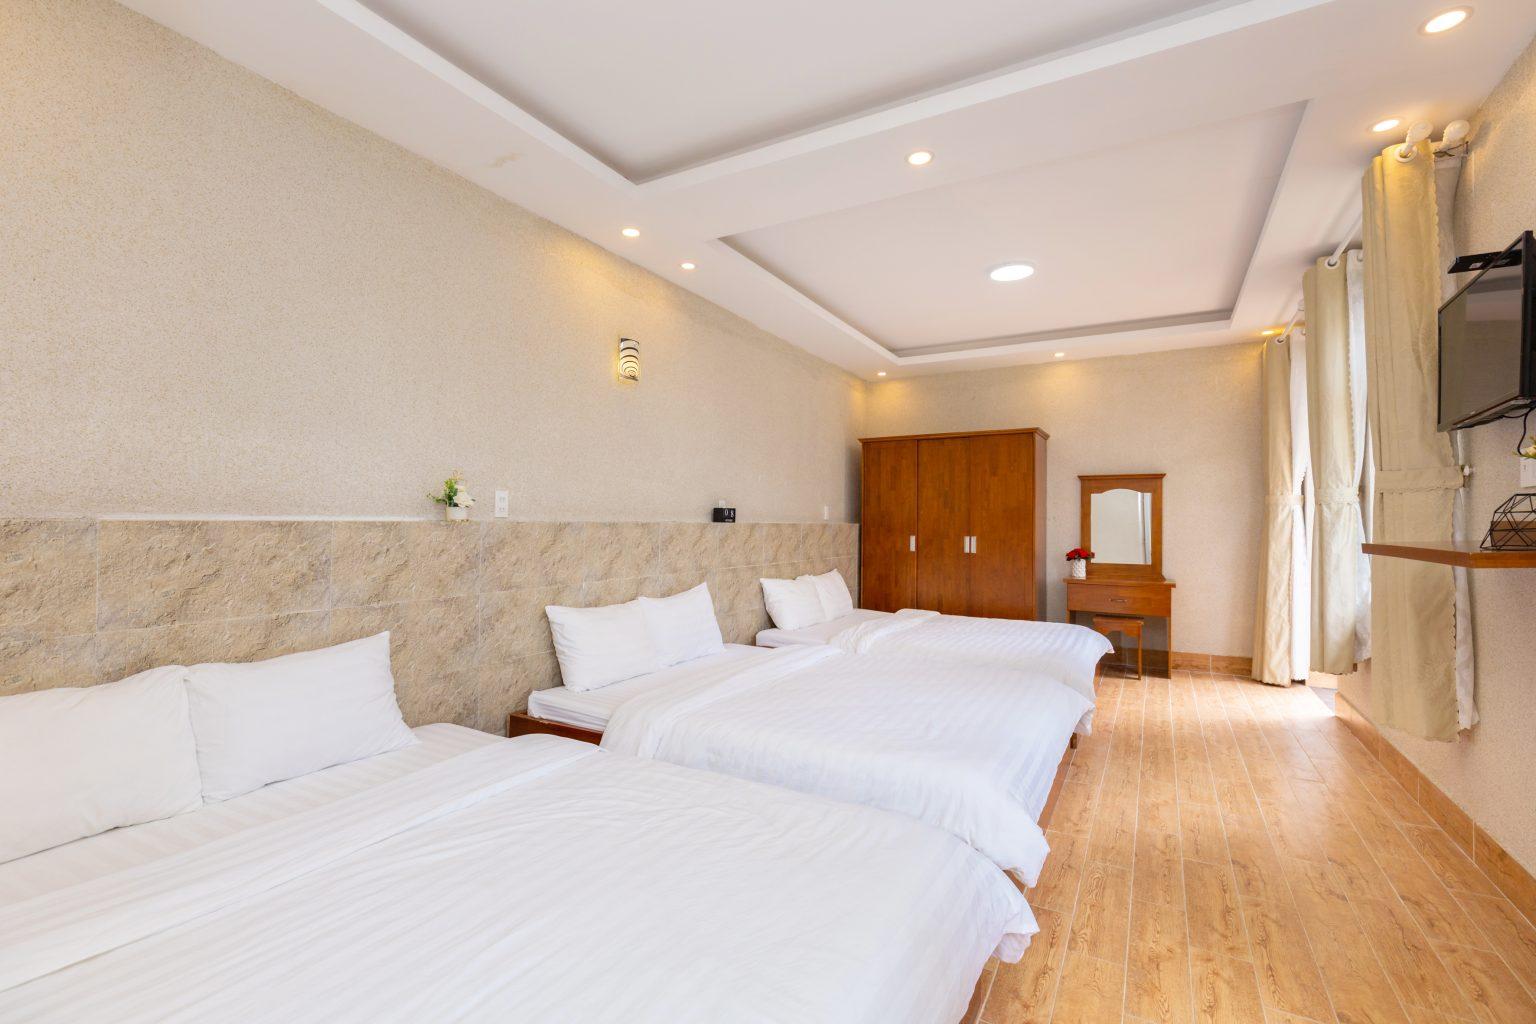 Top 15 Biệt thự villa Đà Lạt giá rẻ view đẹp có hồ bơi cho thuê ngắn ngày